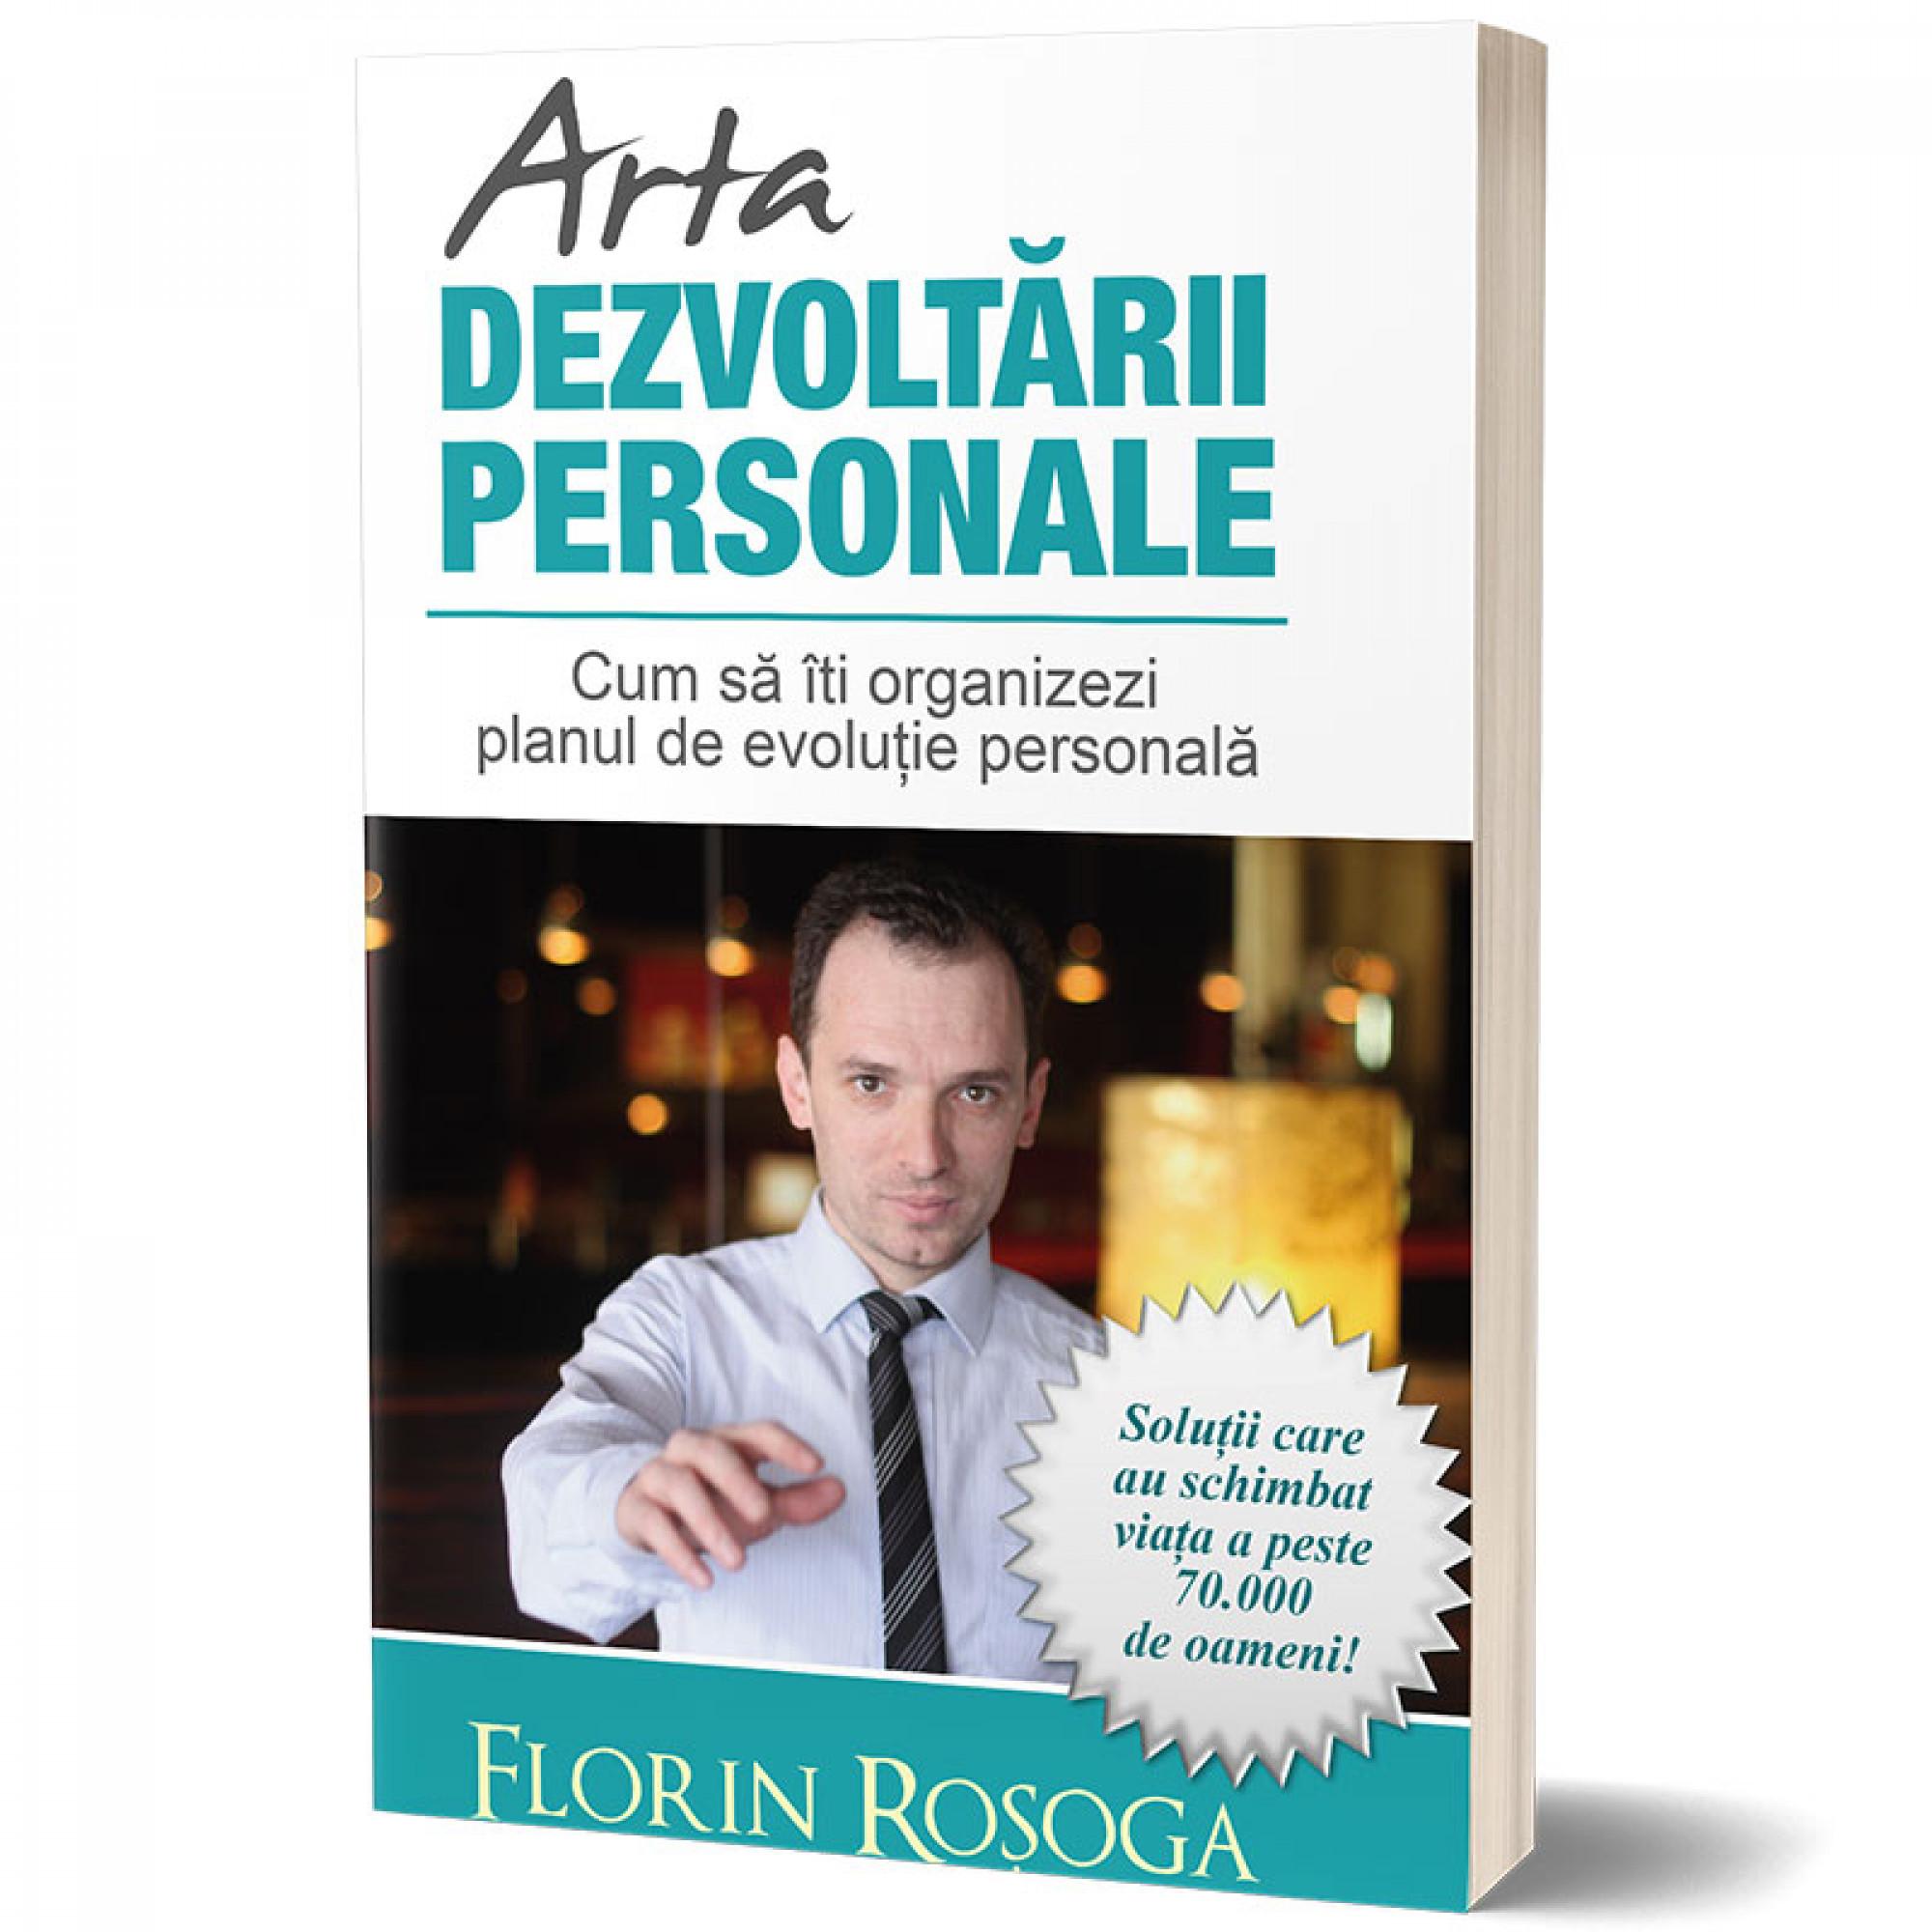 Arta dezvoltării personale; Florin Roșoga